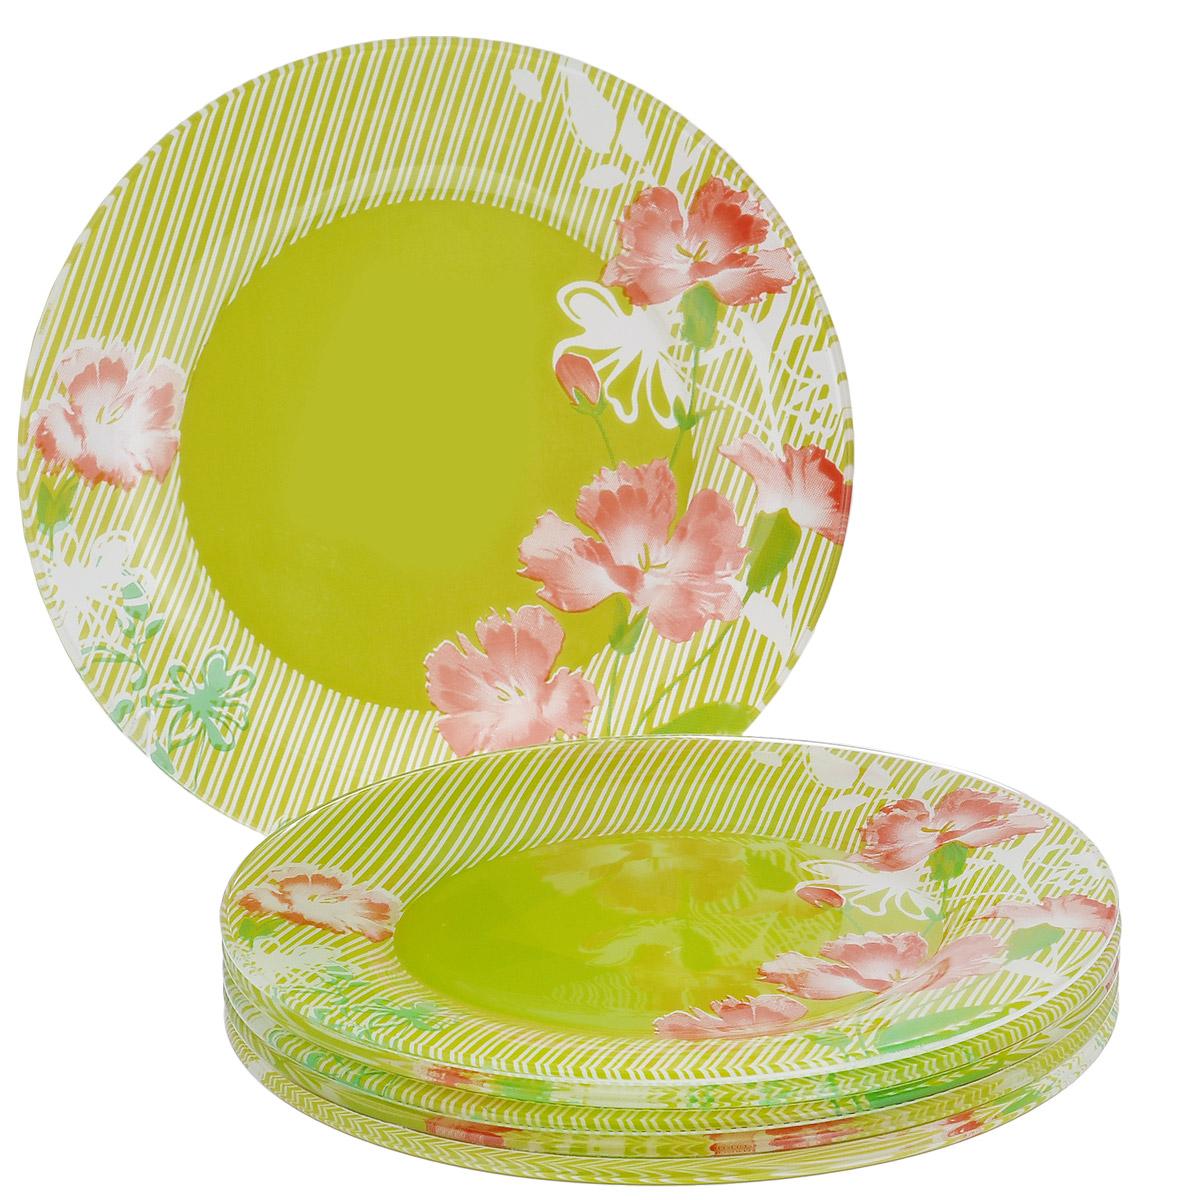 Набор тарелок Цветы, цвет: зеленый, диаметр 17,5 см, 6 штFBP70T-T0924Набор тарелок Цветы, выполненный из высококачественного стекла зеленого цвета, состоит из 6 мелких тарелок. Тарелки оформлены изображением цветов. Они сочетают в себе изысканный дизайн с максимальной функциональностью. Оригинальность оформления тарелок придется по вкусу и ценителям классики, и тем, кто предпочитает утонченность и изящность. Набор тарелок послужит отличным подарком к любому празднику.